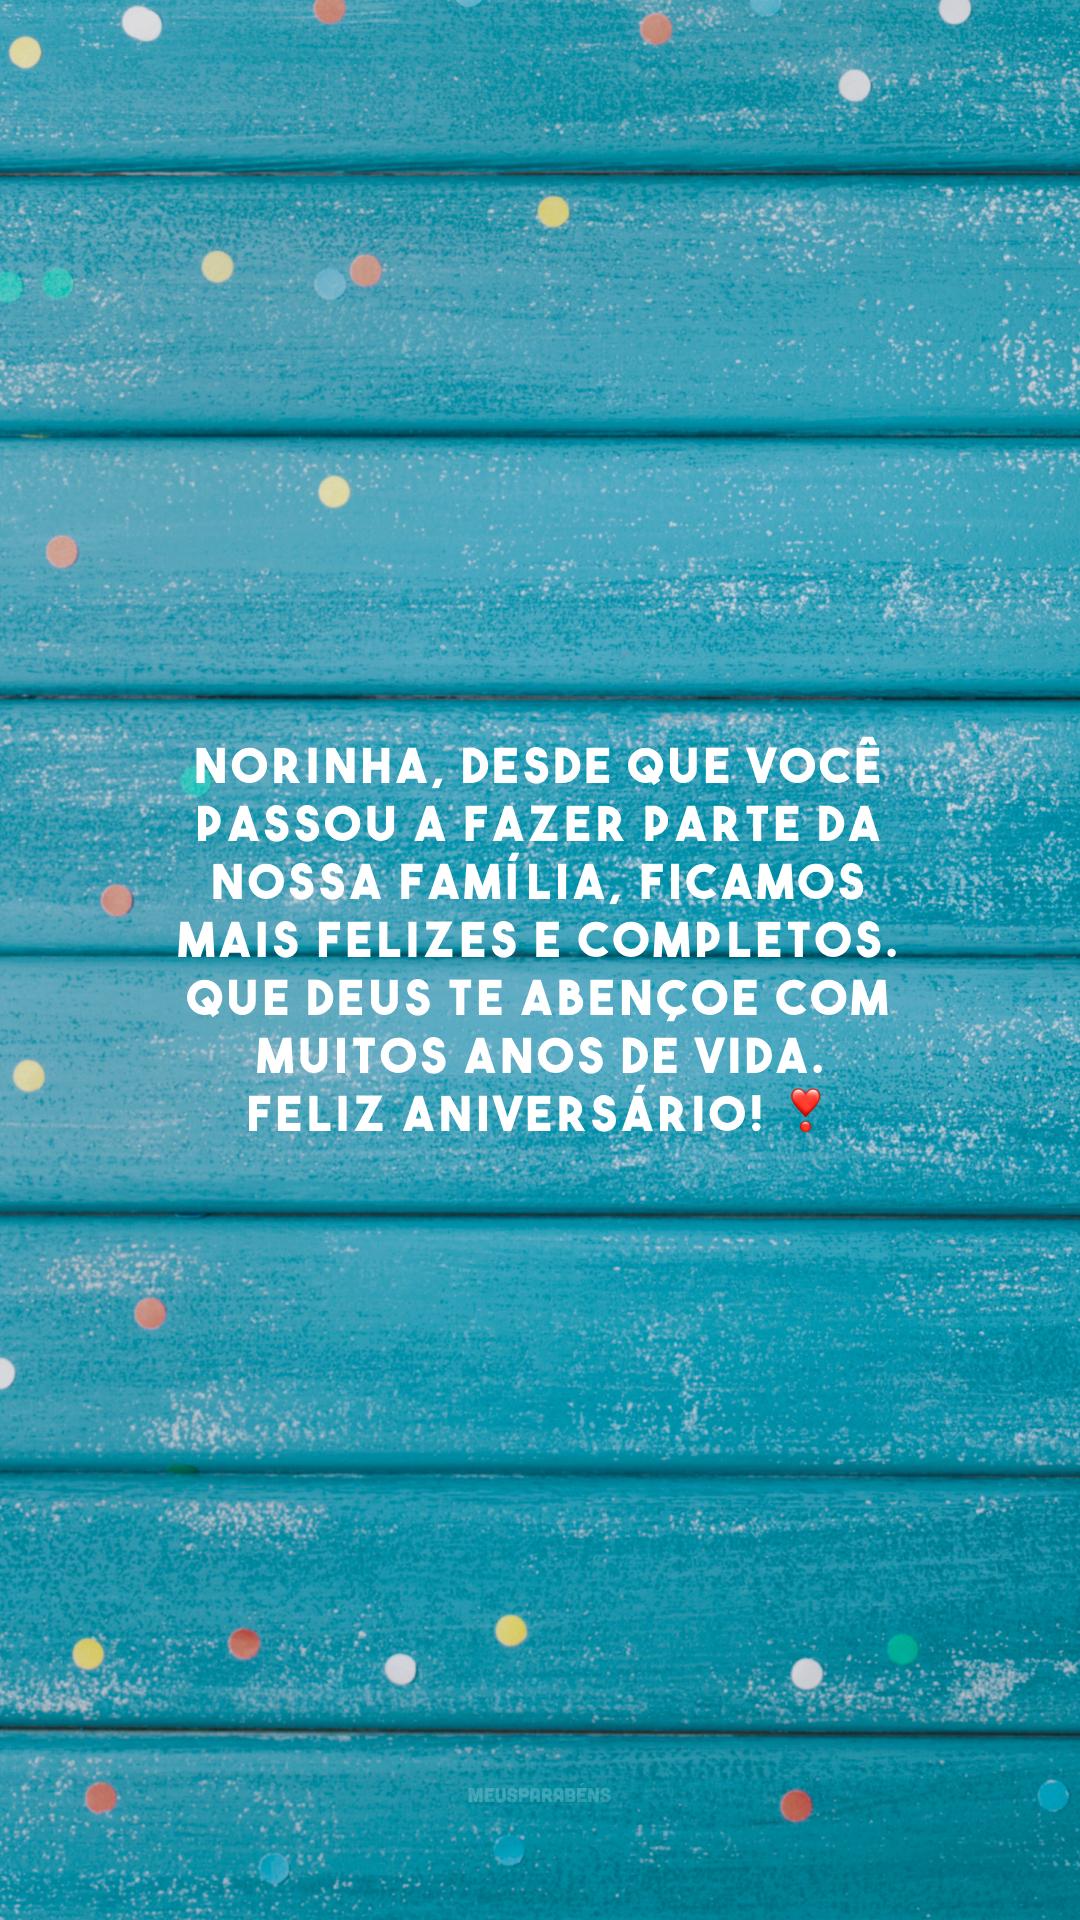 Norinha, desde que você passou a fazer parte da nossa família, ficamos mais felizes e completos. Que Deus te abençoe com muitos anos de vida. Feliz aniversário! ❣️